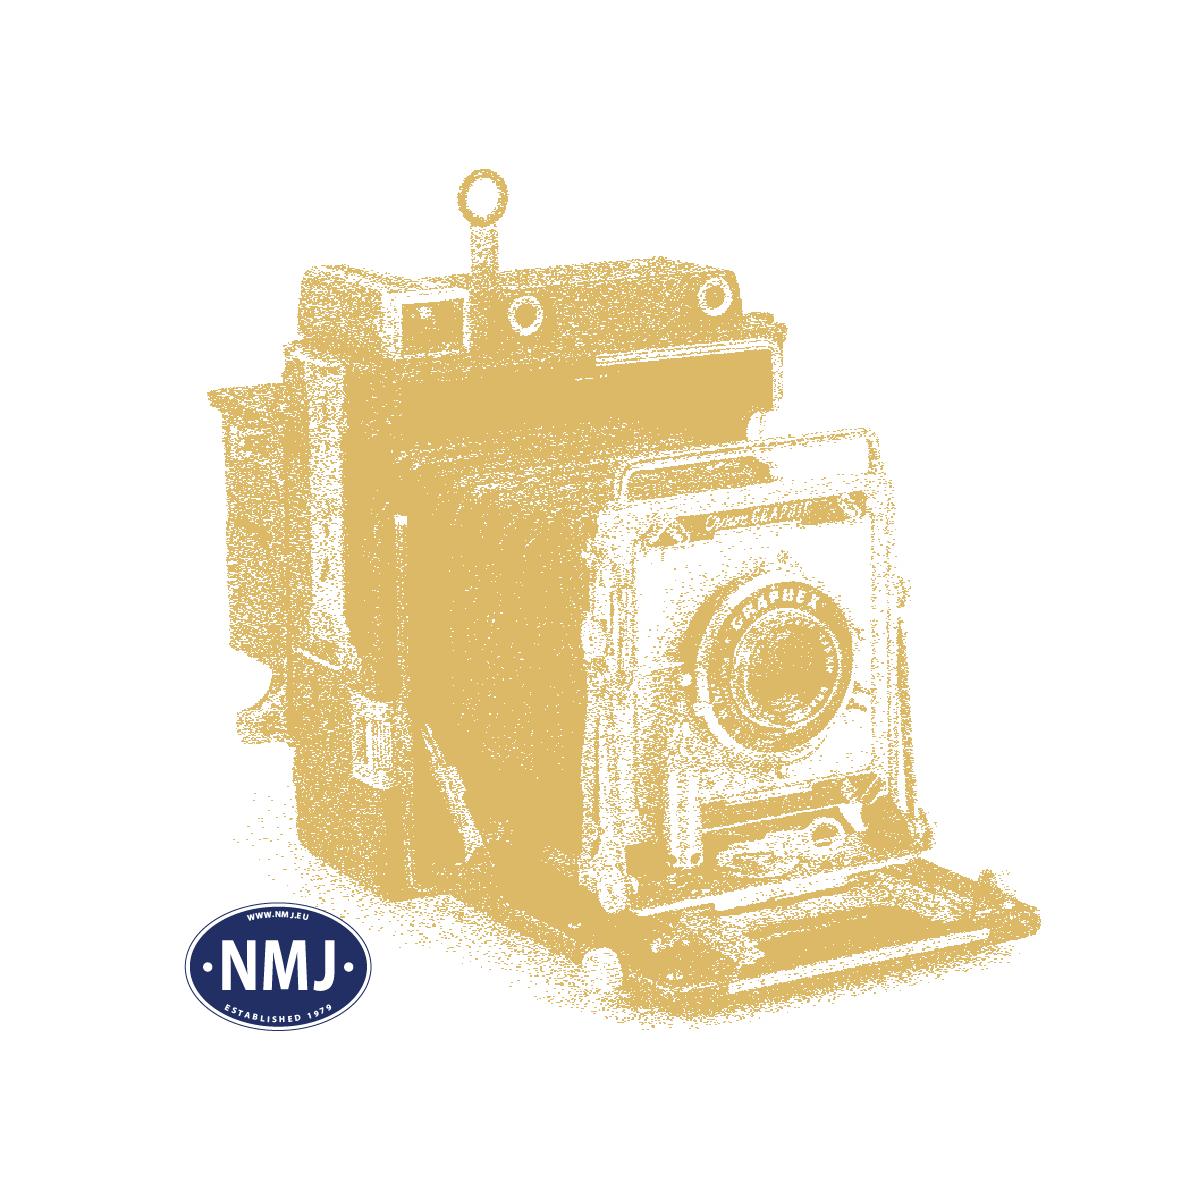 WODFS624 - Halmgult Statisk Gress, 4mm, 42g